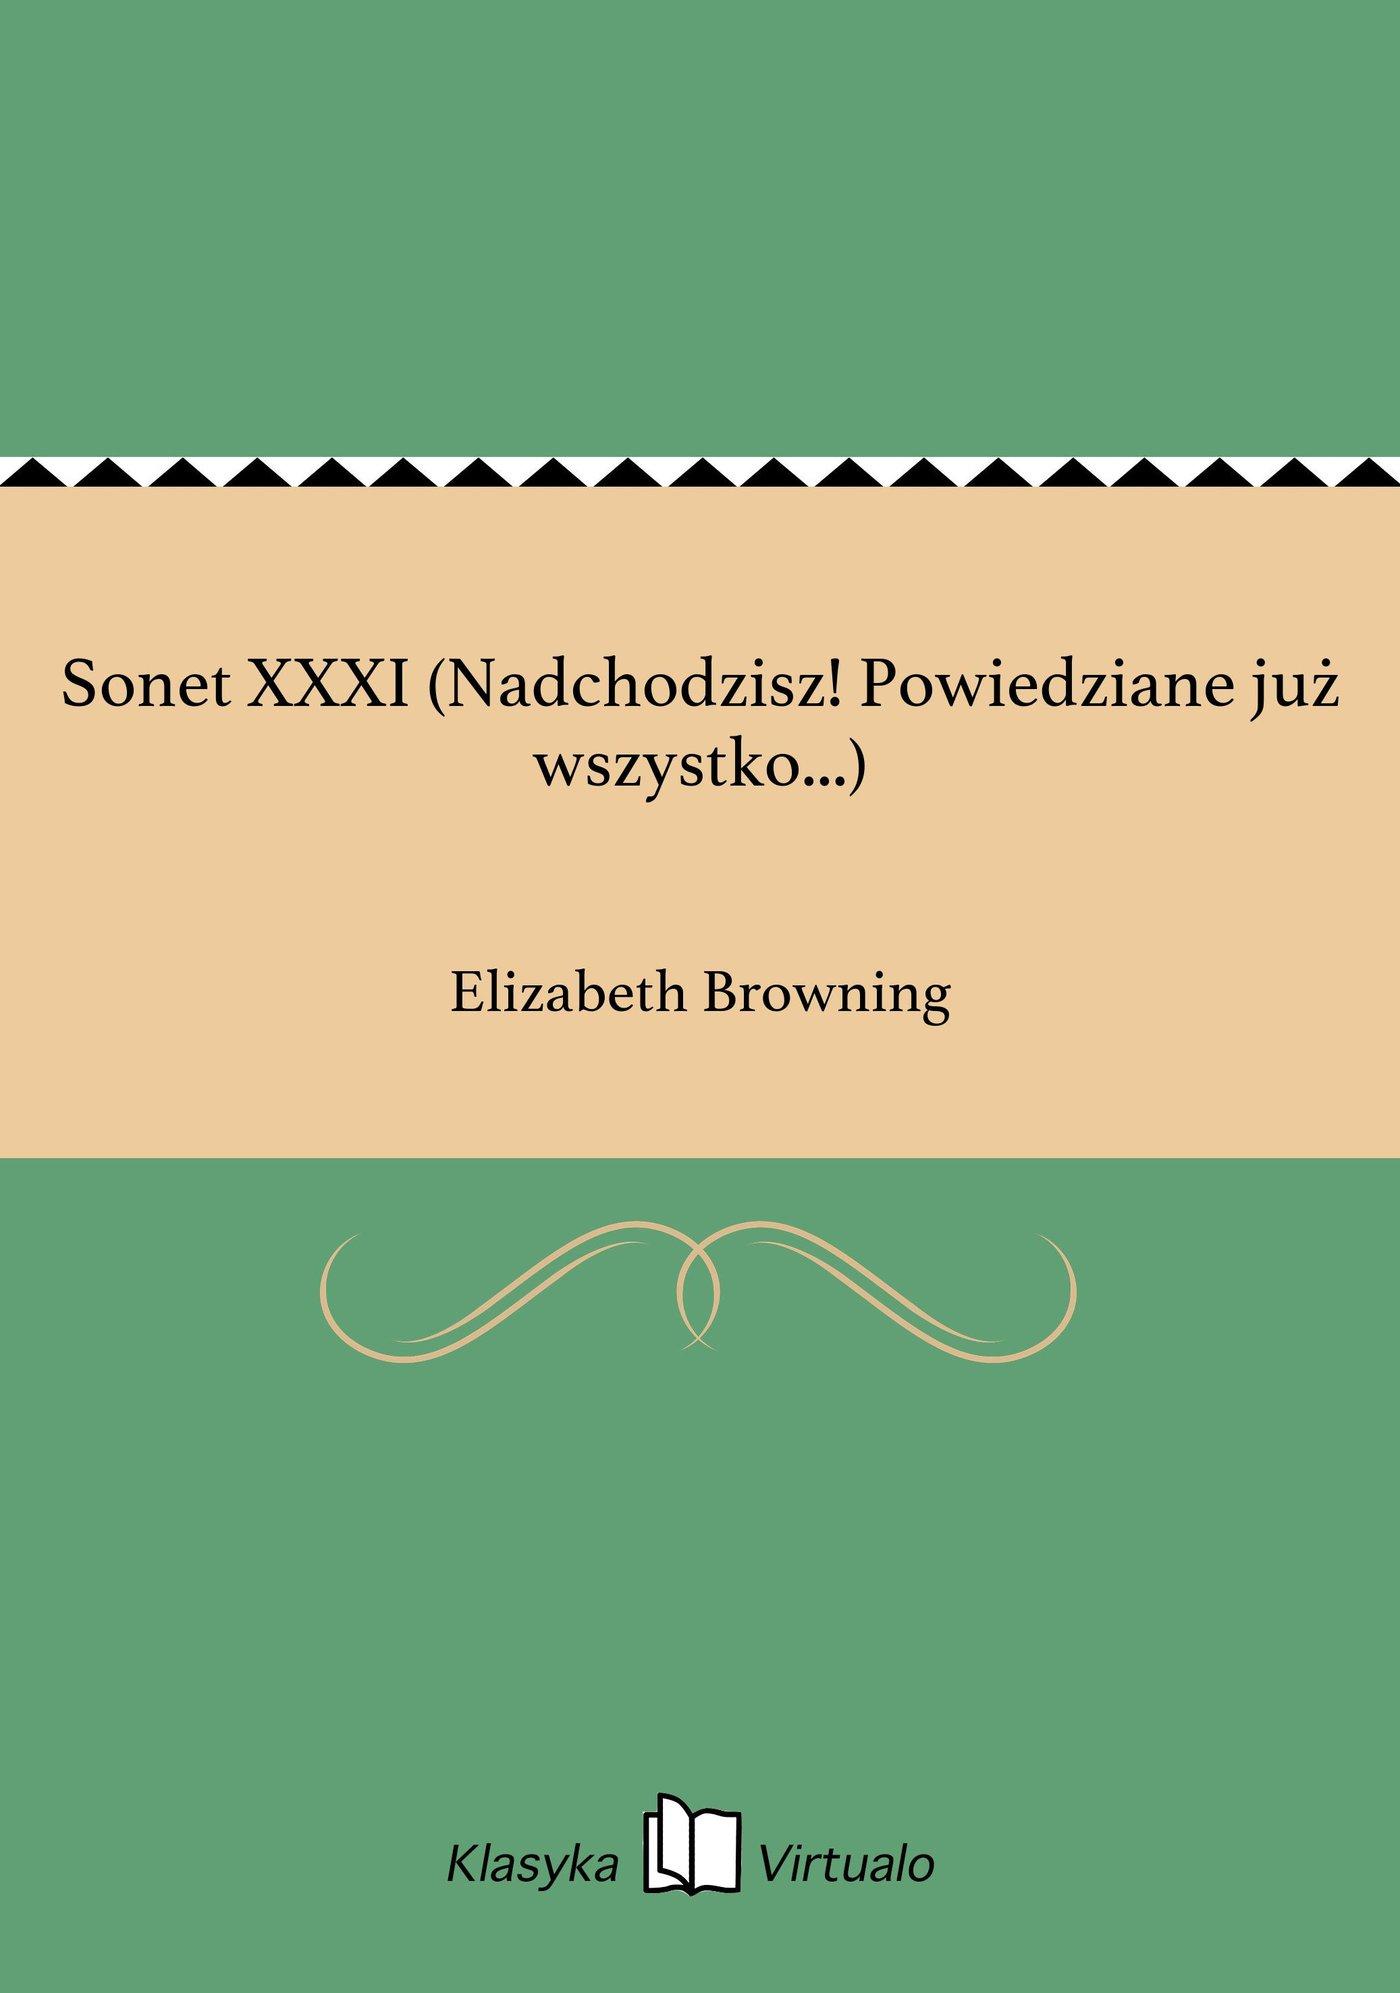 Sonet XXXI (Nadchodzisz! Powiedziane już wszystko...) - Ebook (Książka EPUB) do pobrania w formacie EPUB